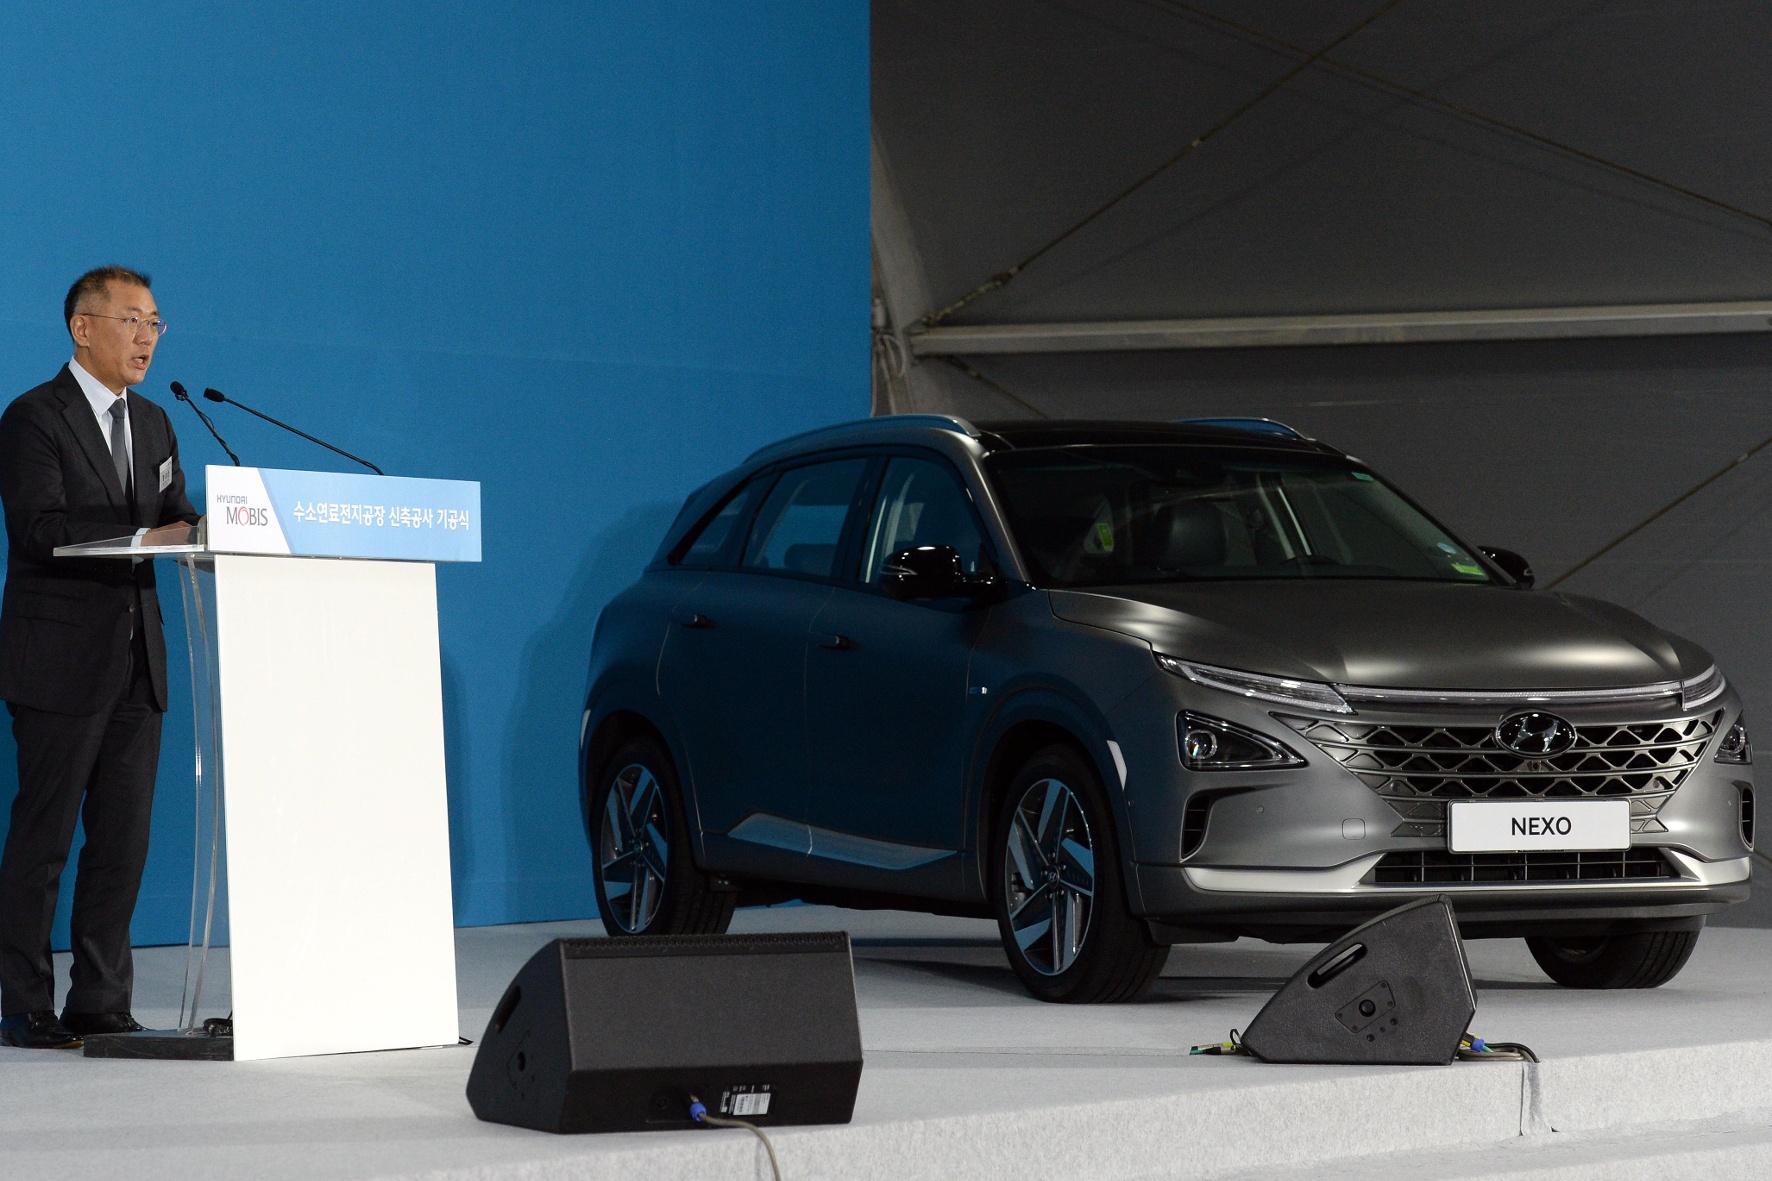 Brennstoffzellen-Autos: Koreanischer Hersteller legt Masterplan vor